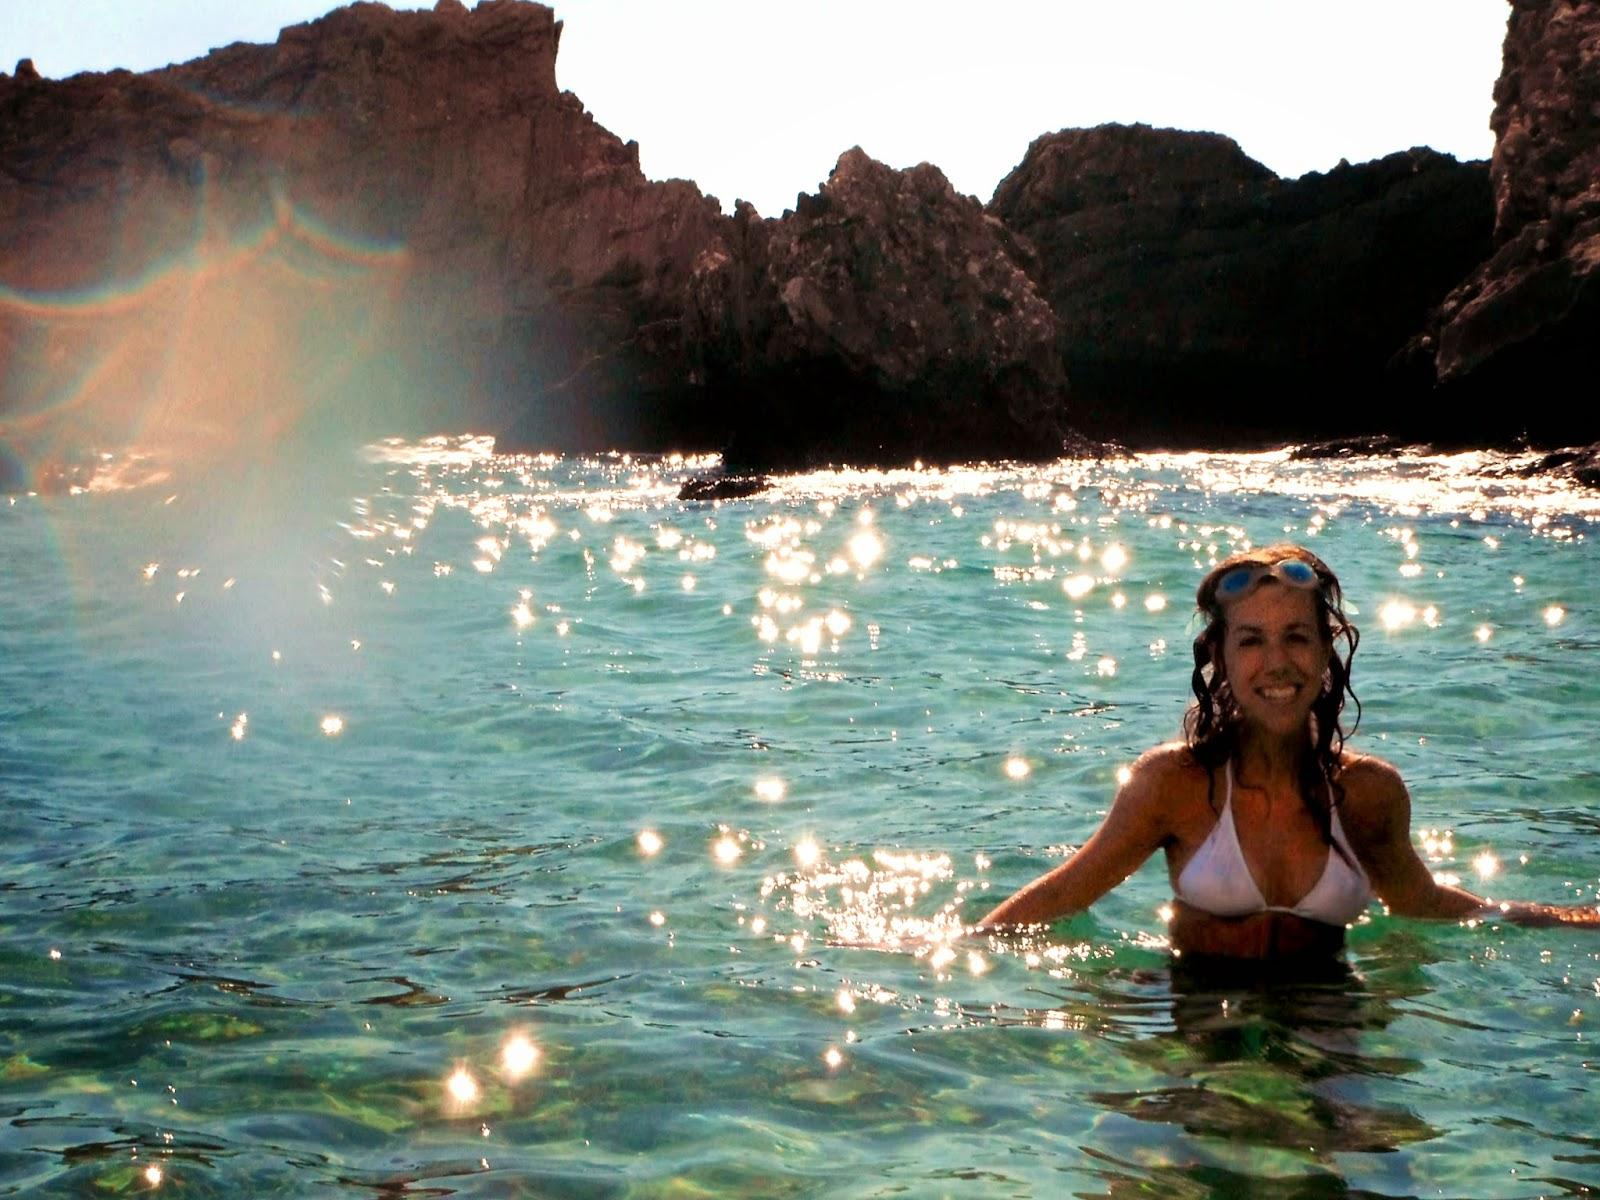 http://s-fashion-avenue.blogspot.it/2014/09/corfu-holidays-glifada-southern-beaches.html